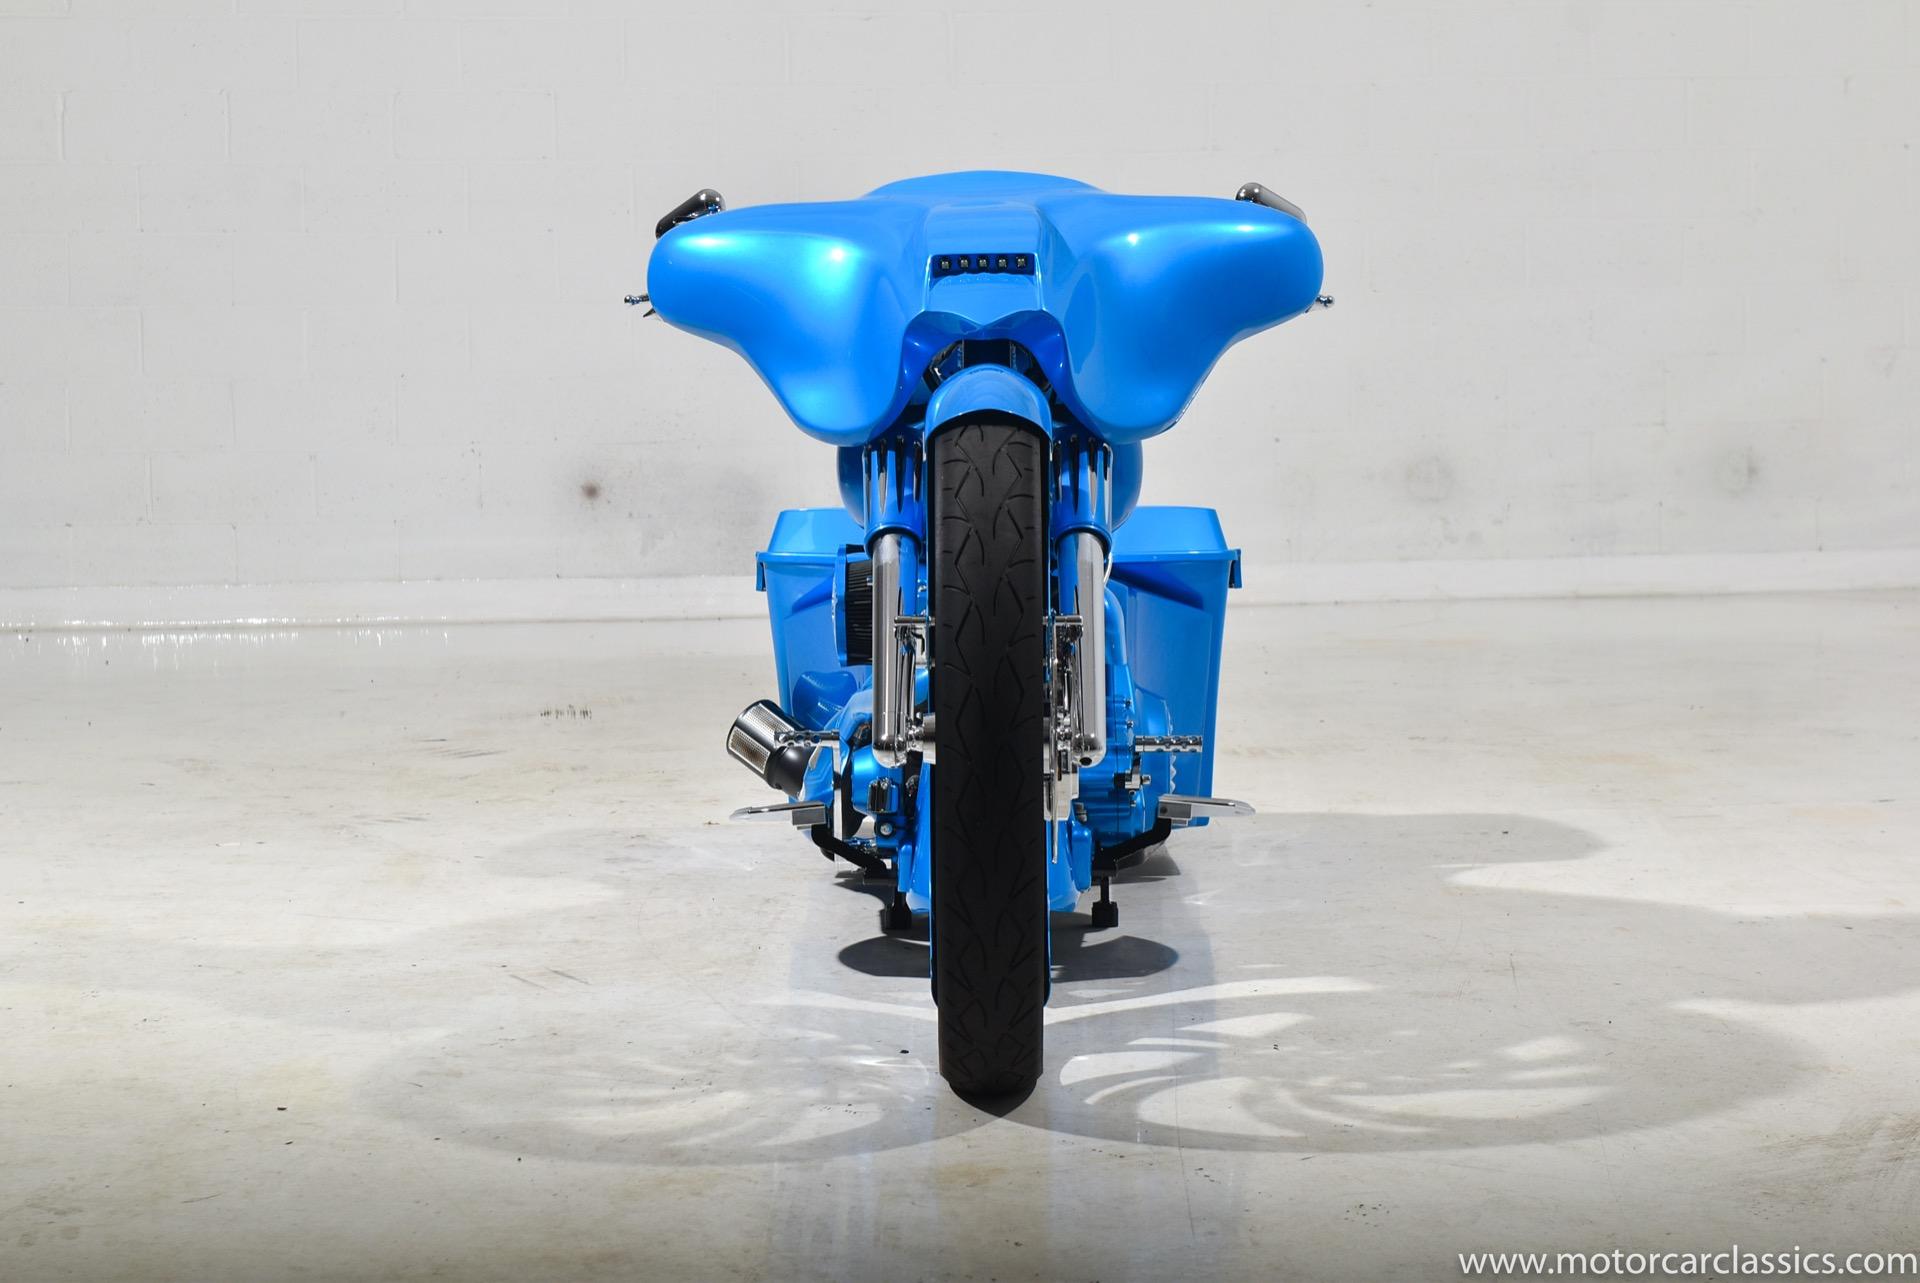 2007 Harley-Davidson FHX